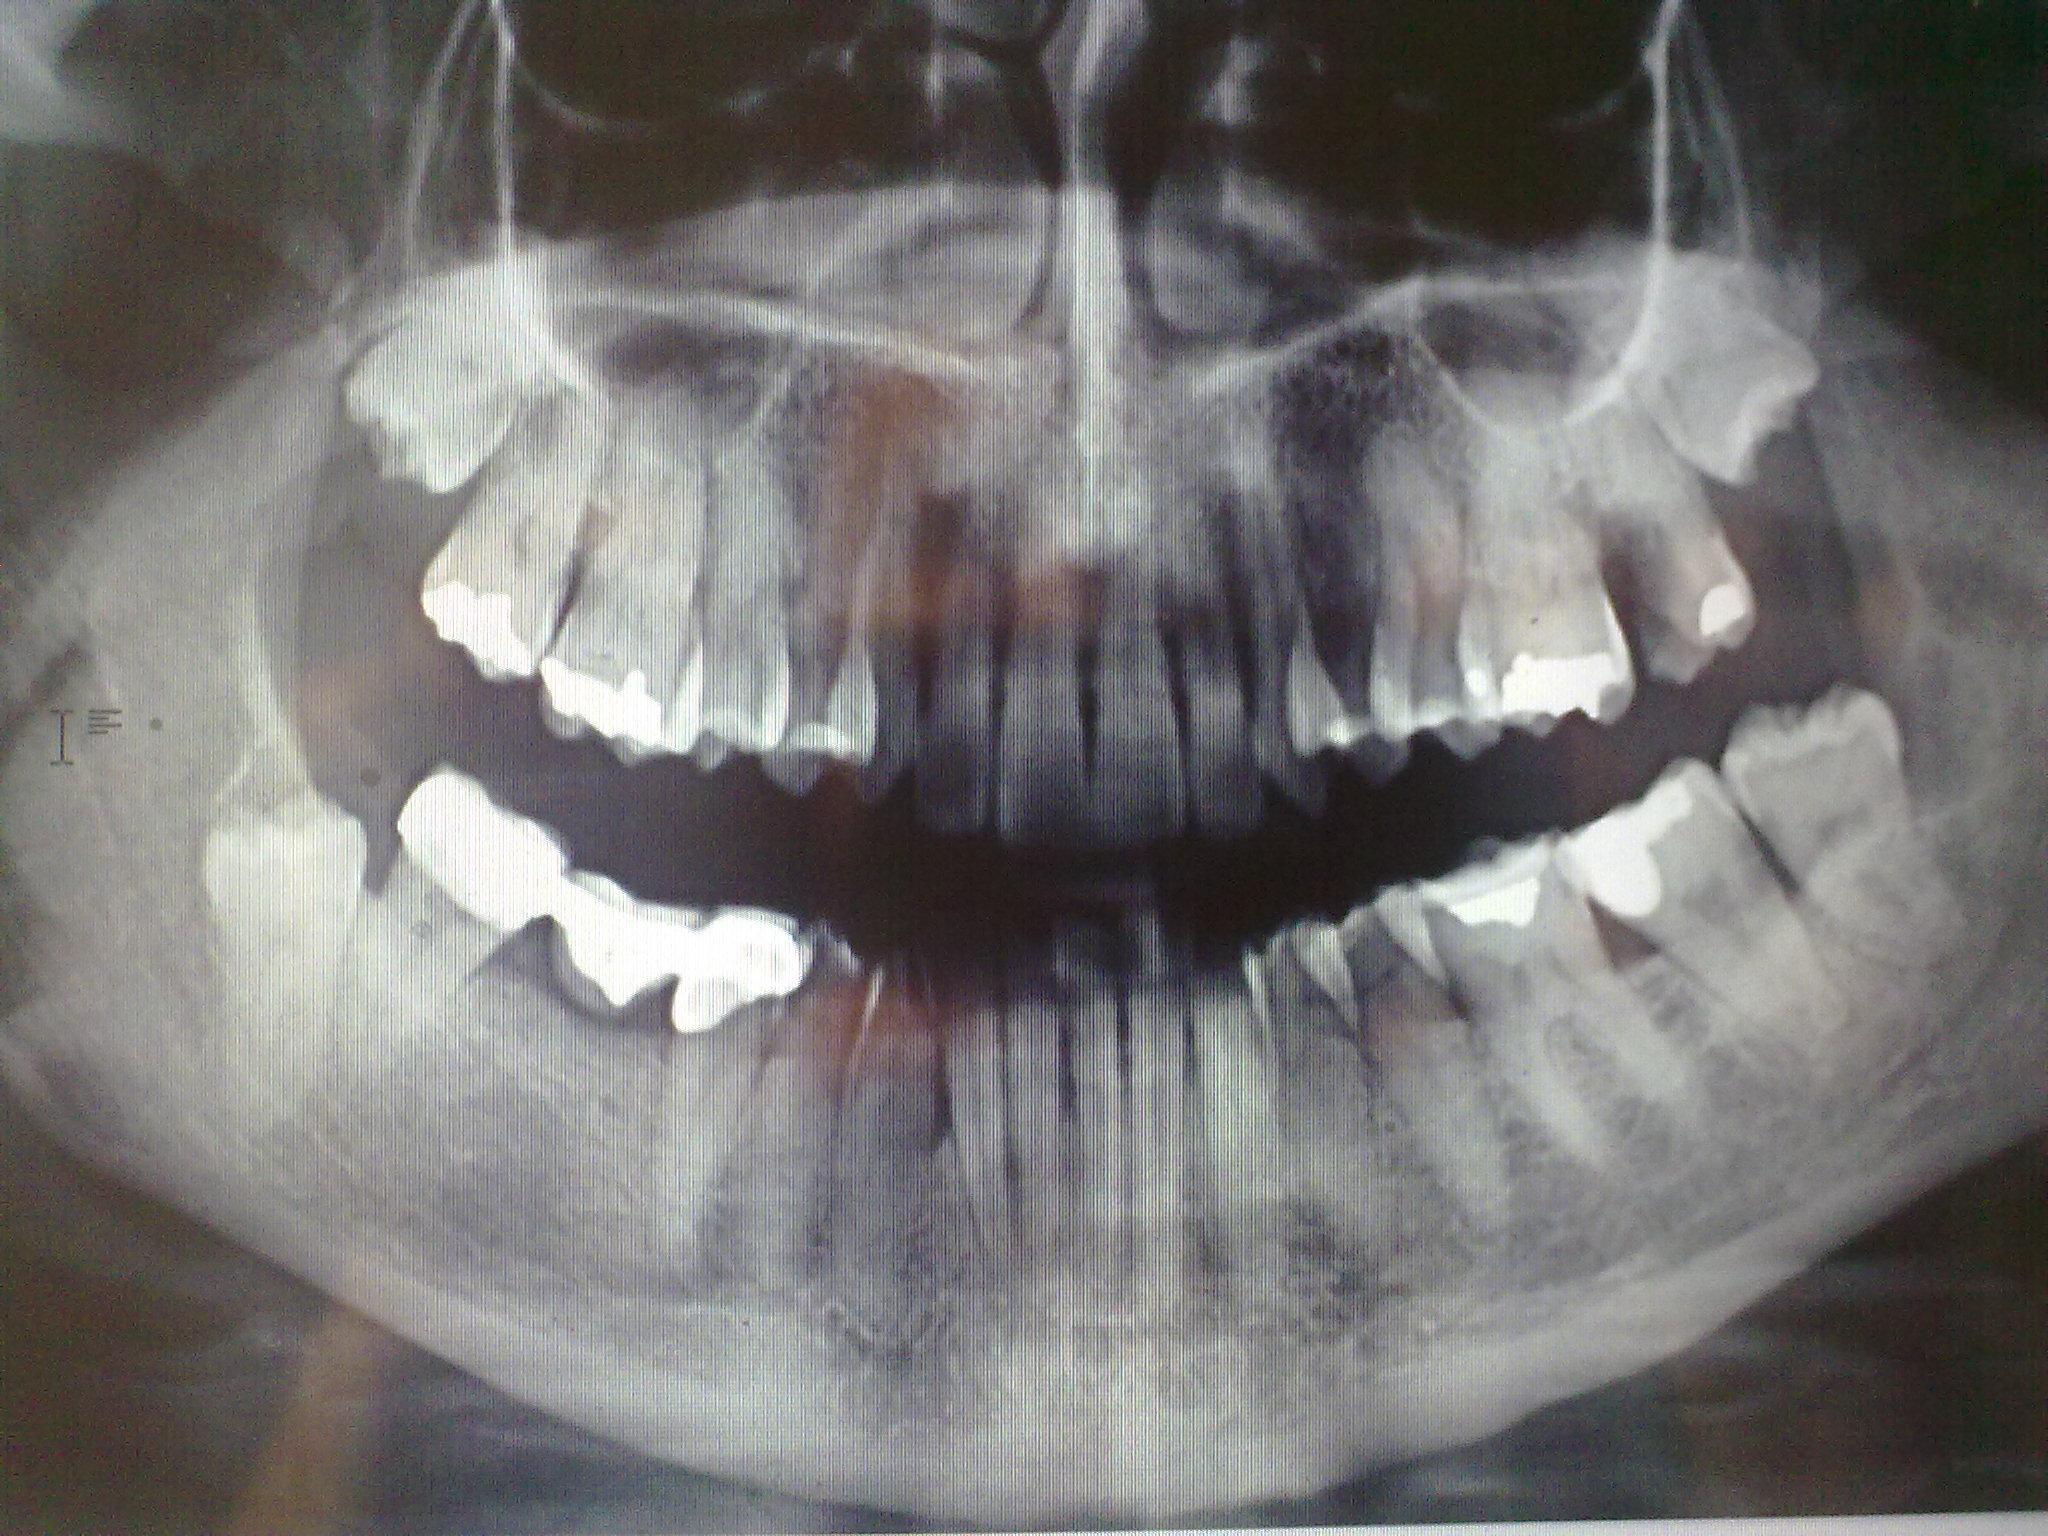 SEGUITO ALLA DOMANDA: Se tolgo solo il molare e aspetto che scenda il dente del giudizio, cosa può accadere?